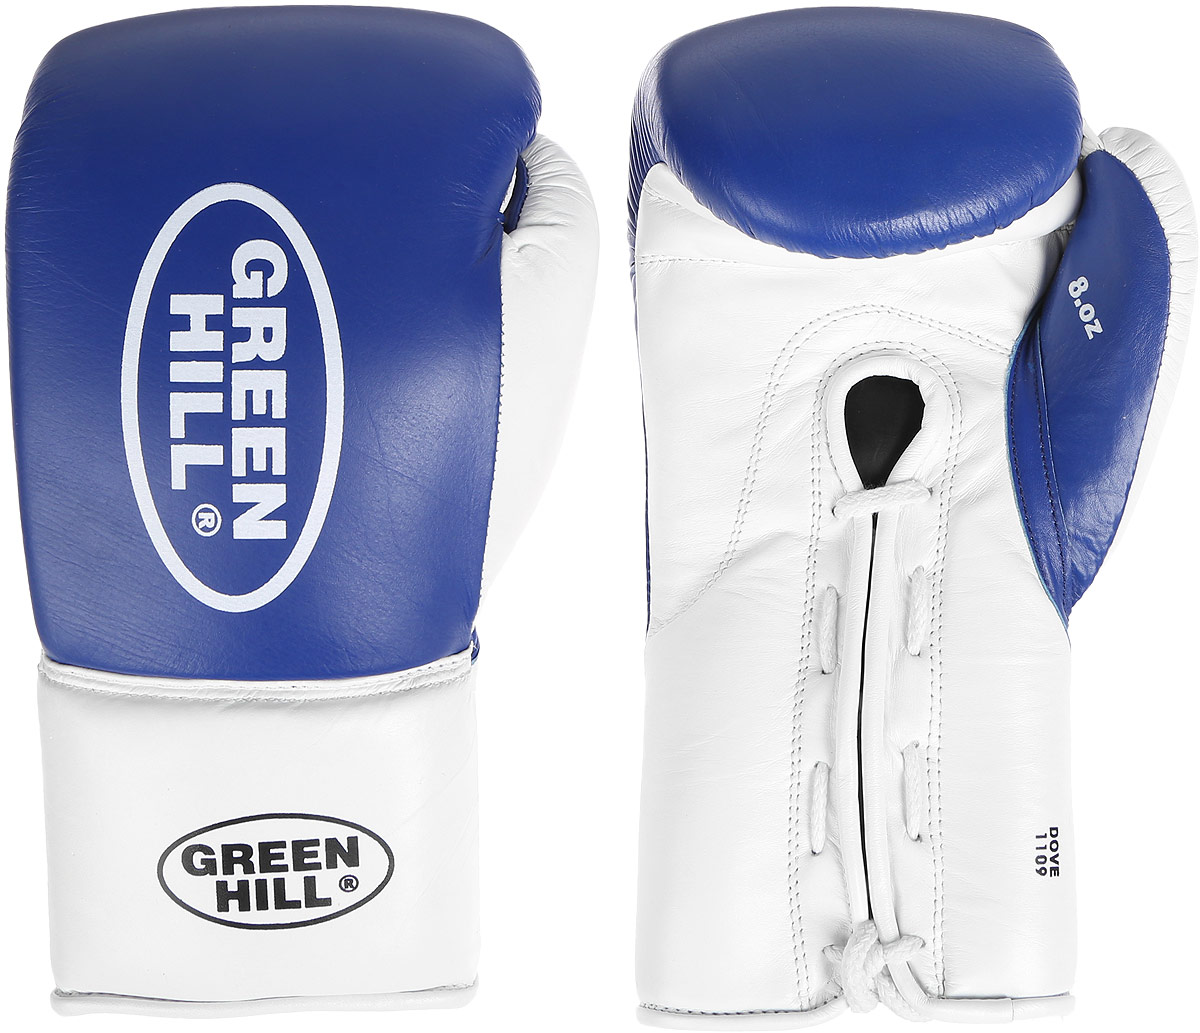 Перчатки боксерские Green Hill Dove, цвет: синий, белый. Вес 10 унций. BGD-2050 перчатки боксерские green hill proffi цвет желтый черный белый вес 12 унций bgp 2014